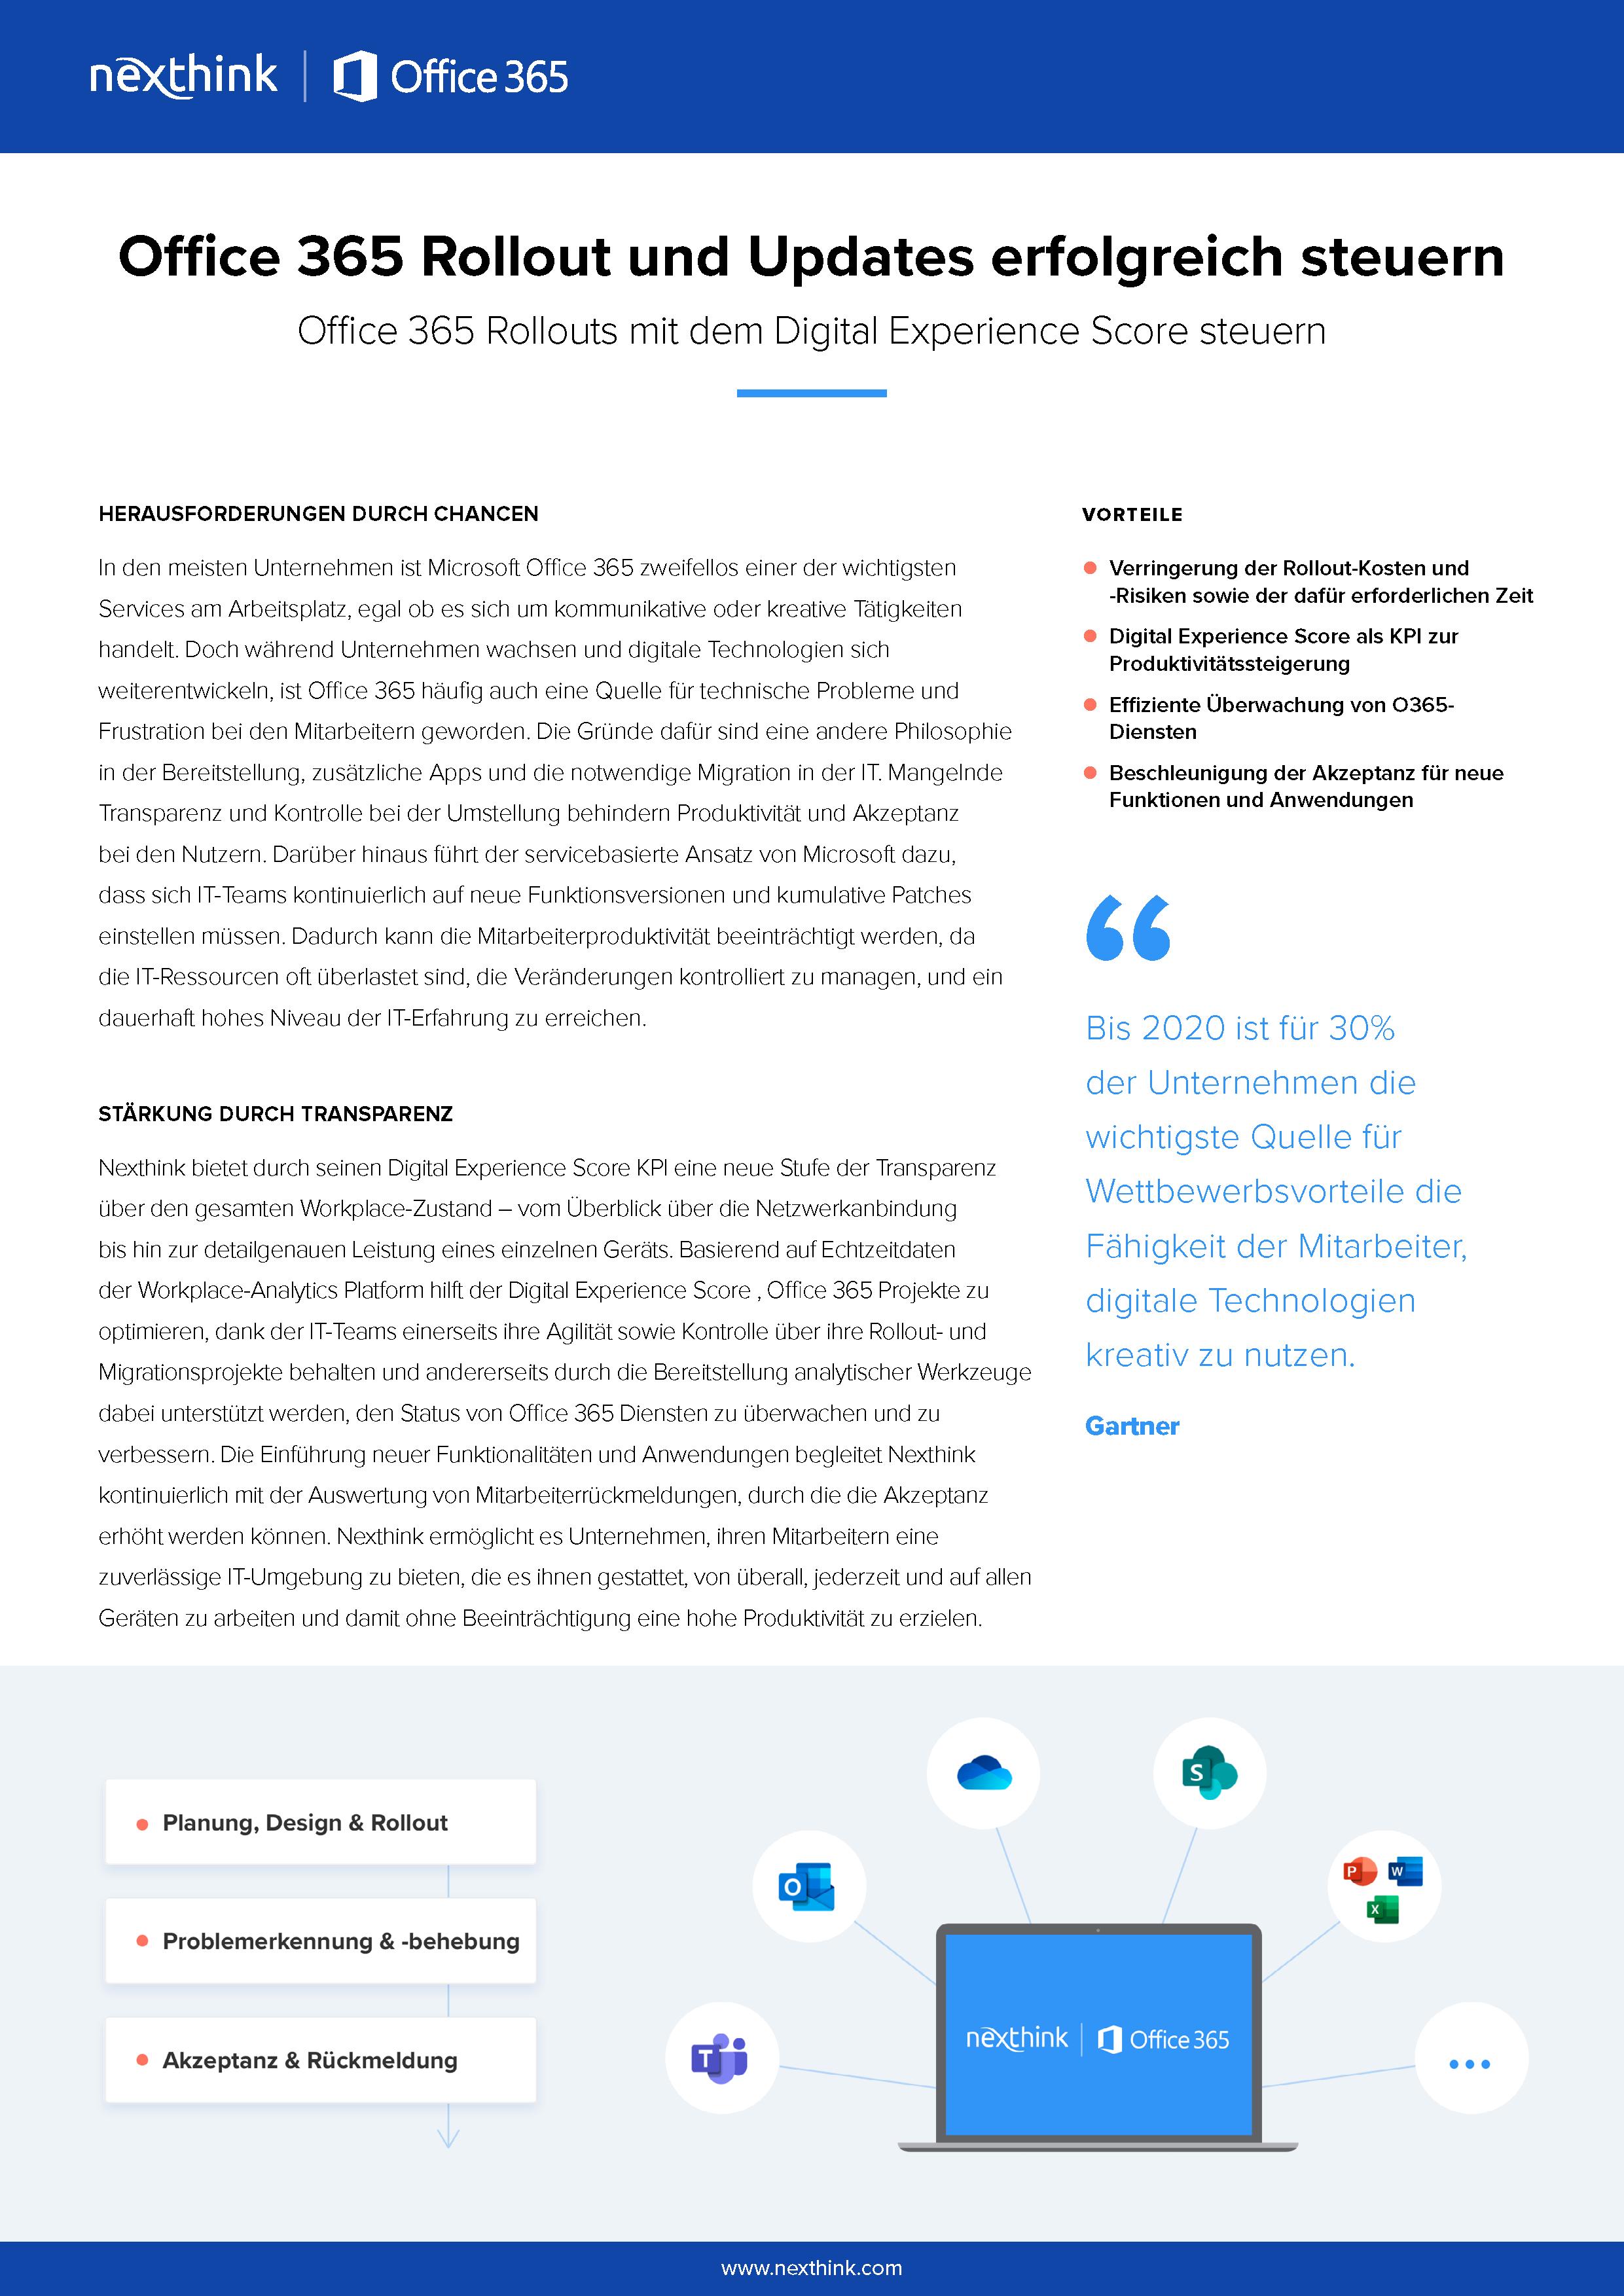 Office 365 Rollout und Updates erfolgreich steuern